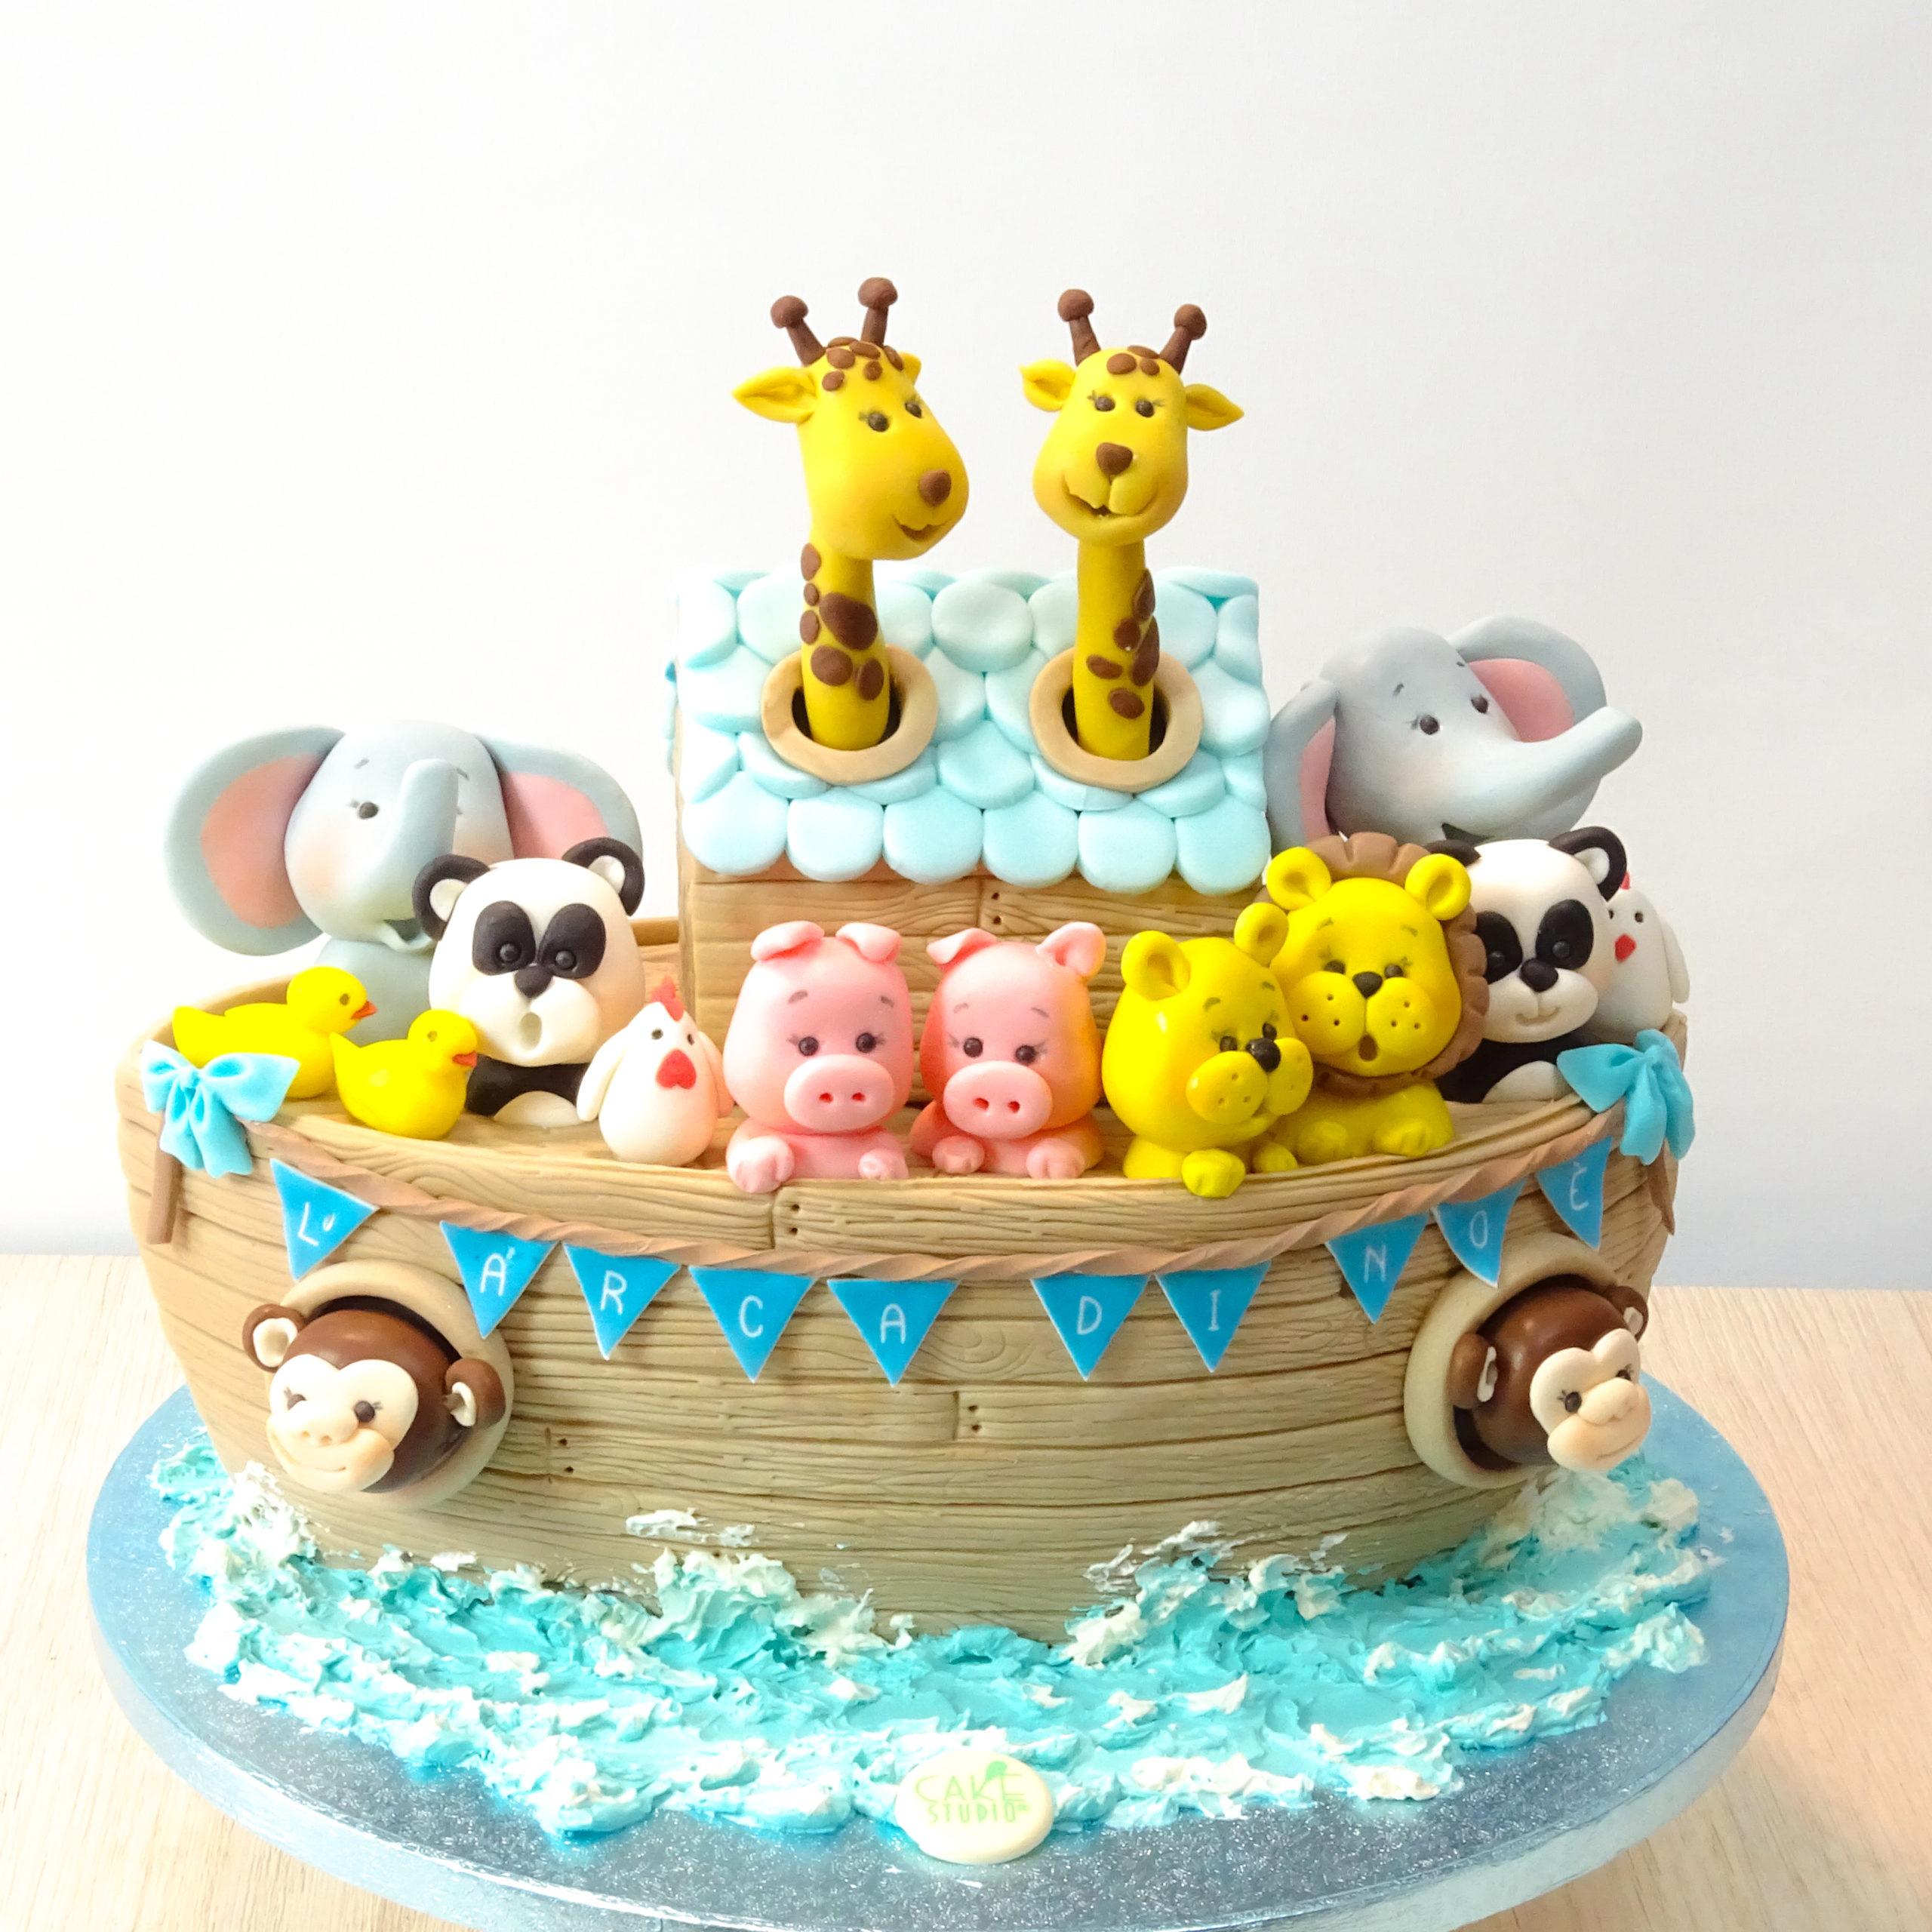 torta a forma di arca di noe con animali scimmie elefanti panda giraffe leoni maiali